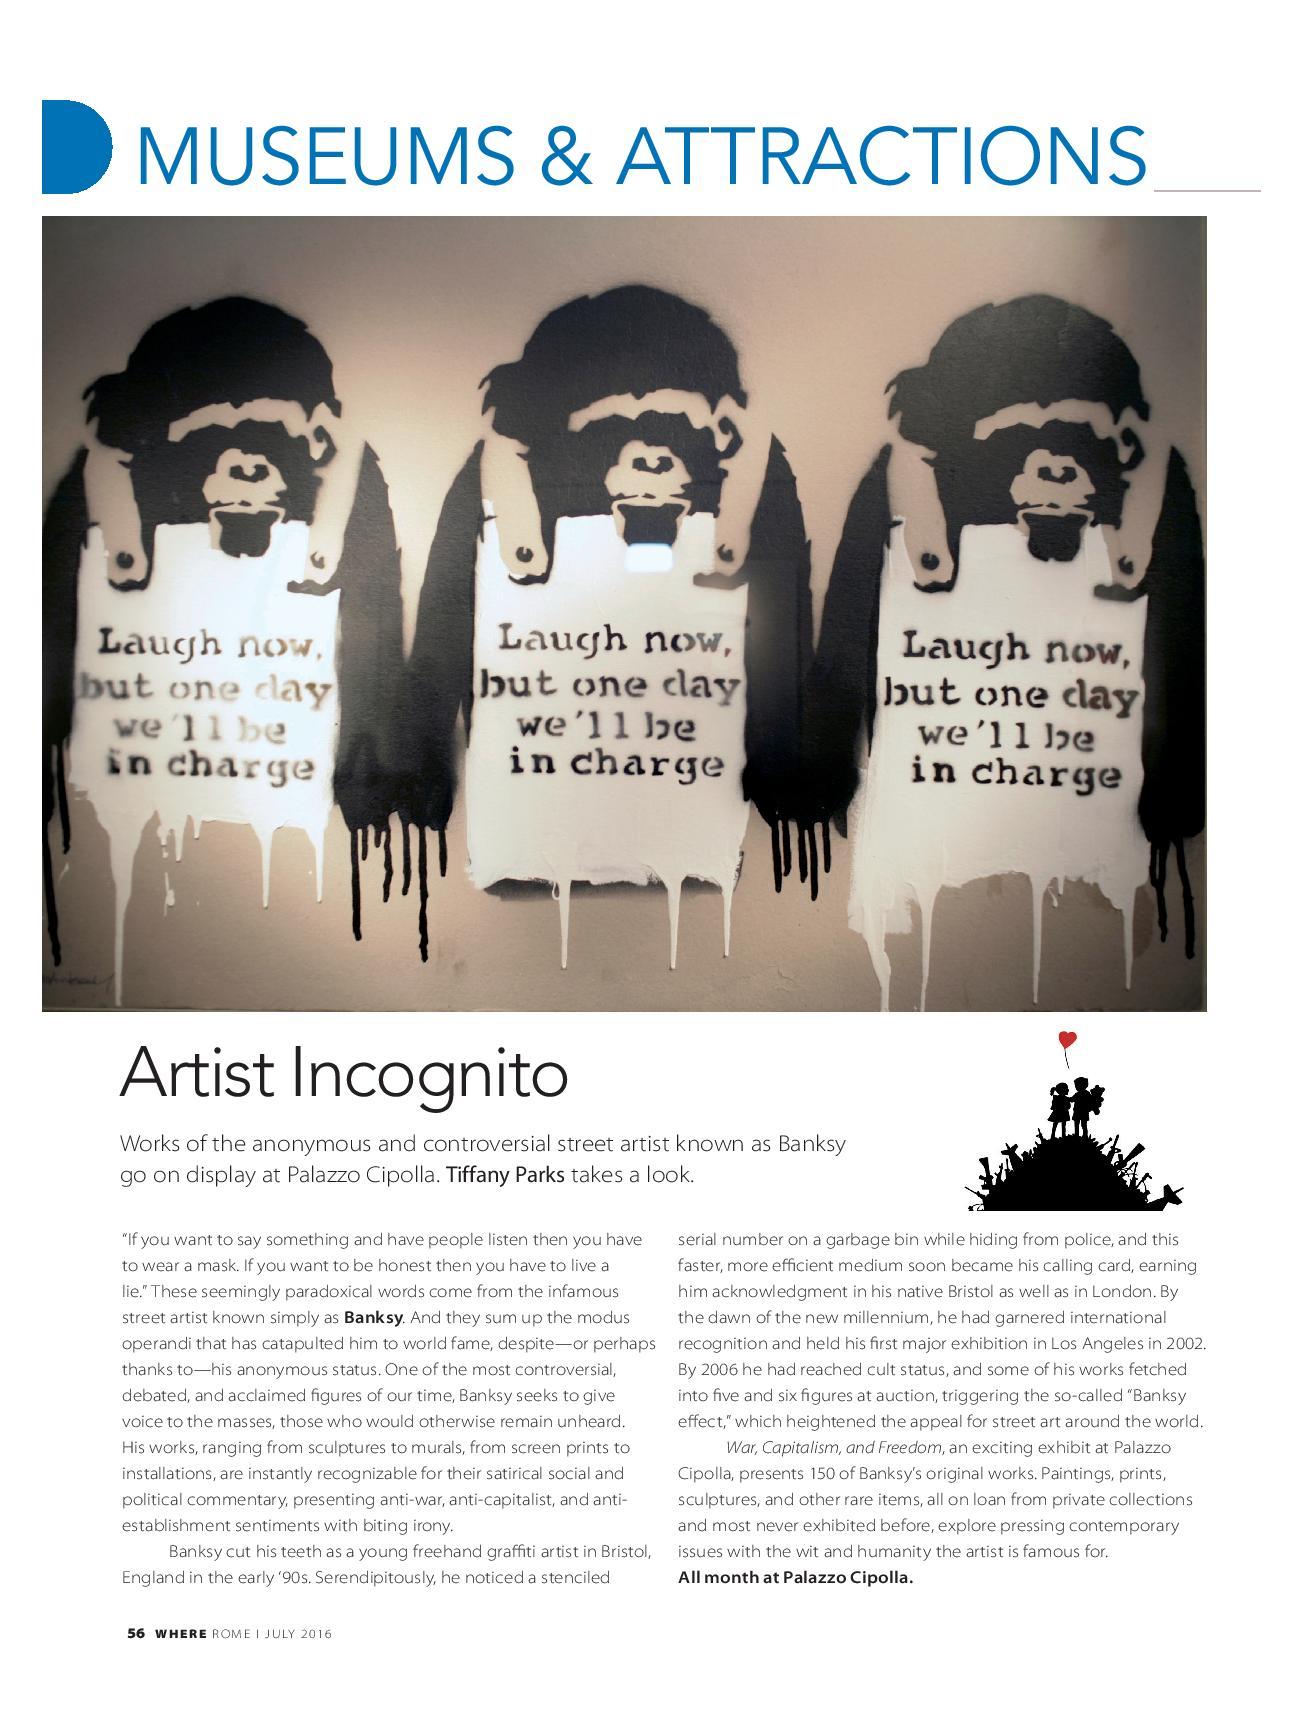 Artist-Incognito-Where-Rome-page-001.jpg